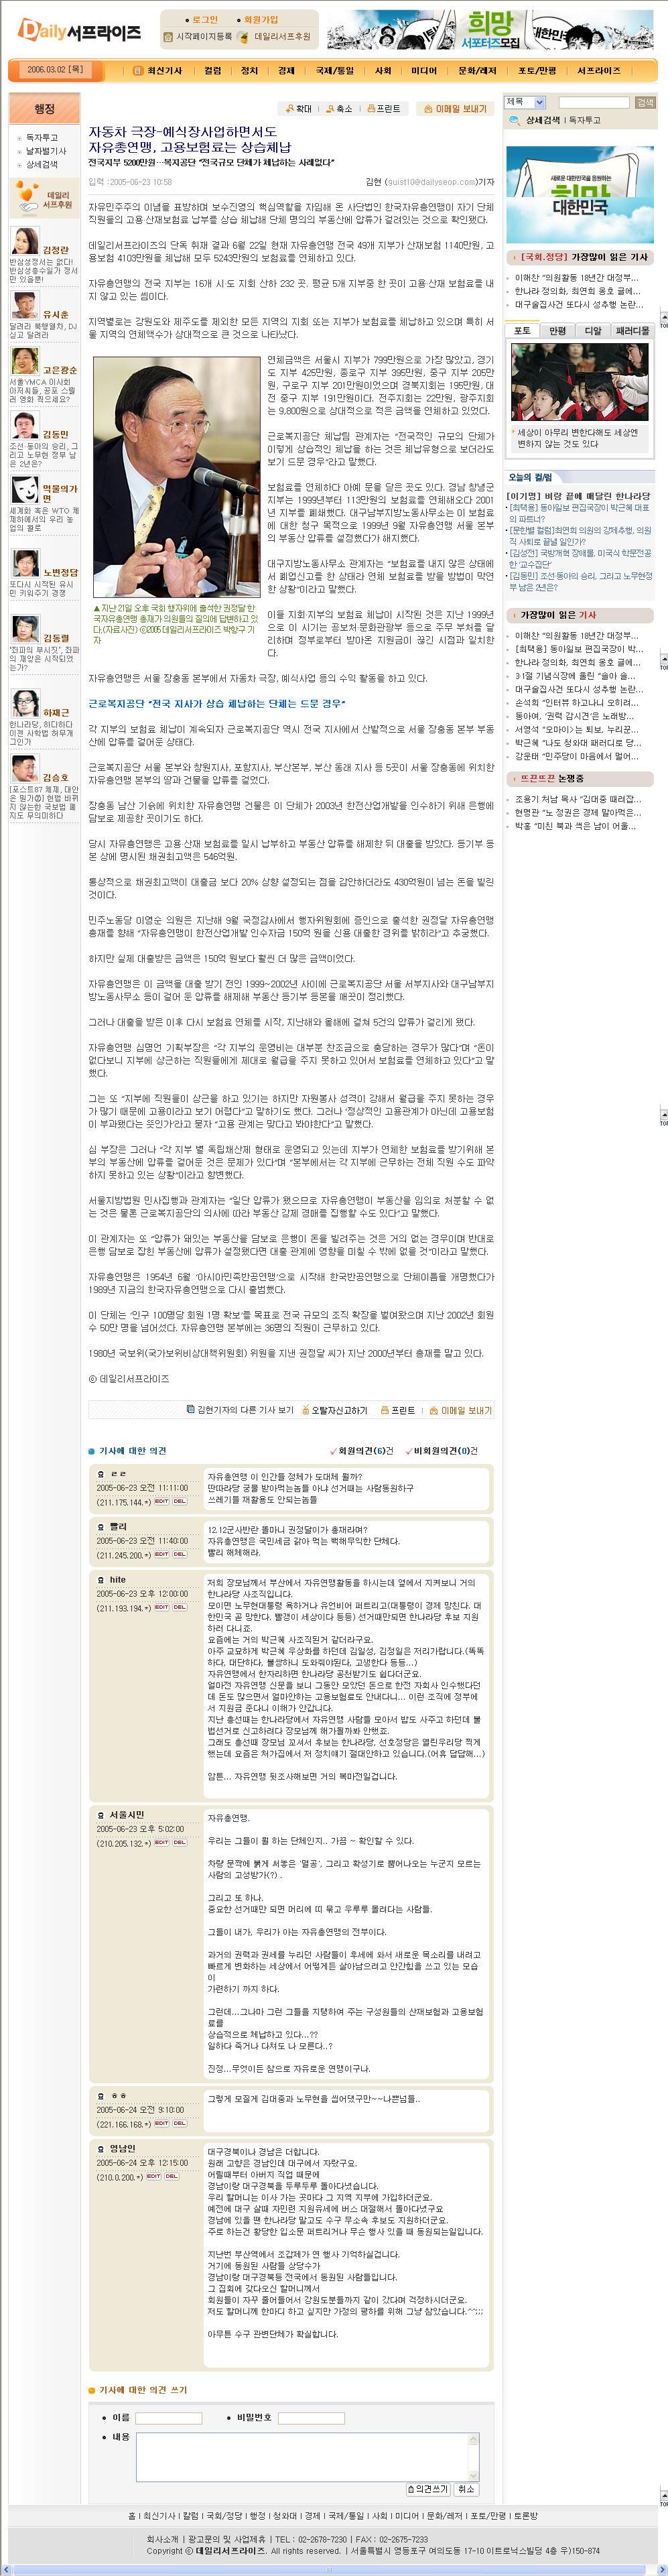 이슈 - 자유총연맹 고용보험료 상습체납(2005. 6)